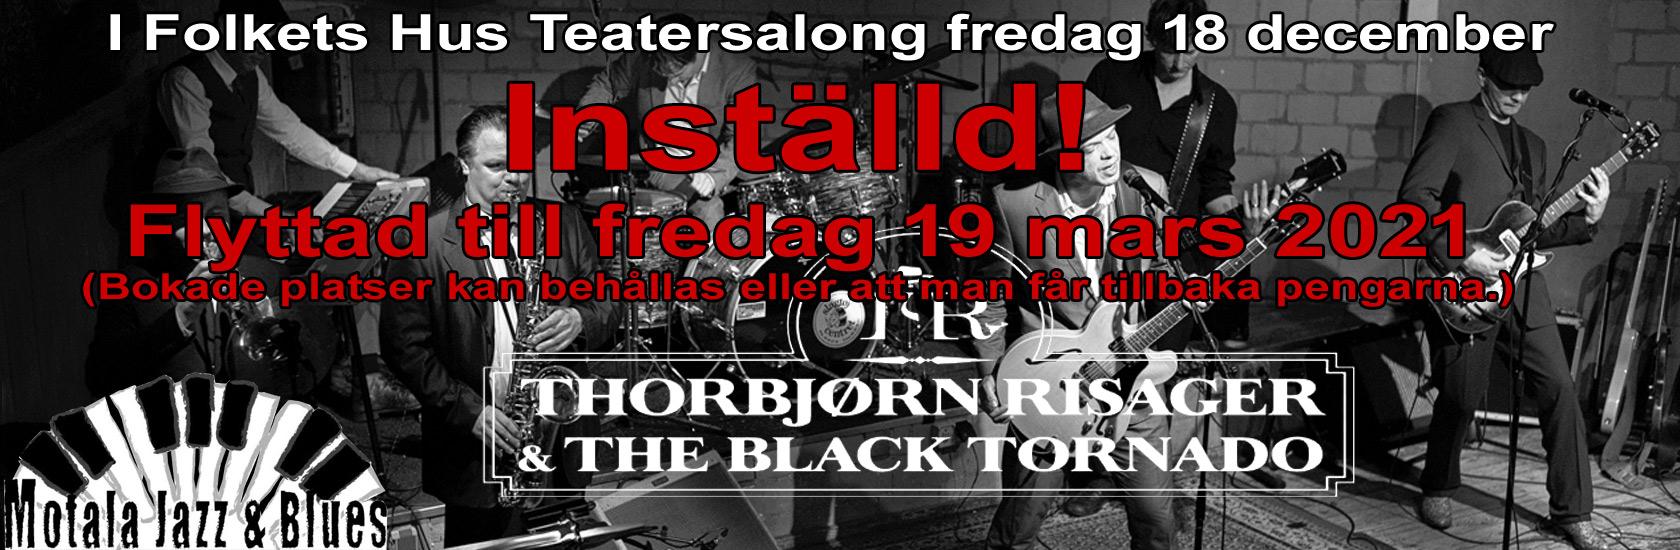 thorbjornrisager_installt20